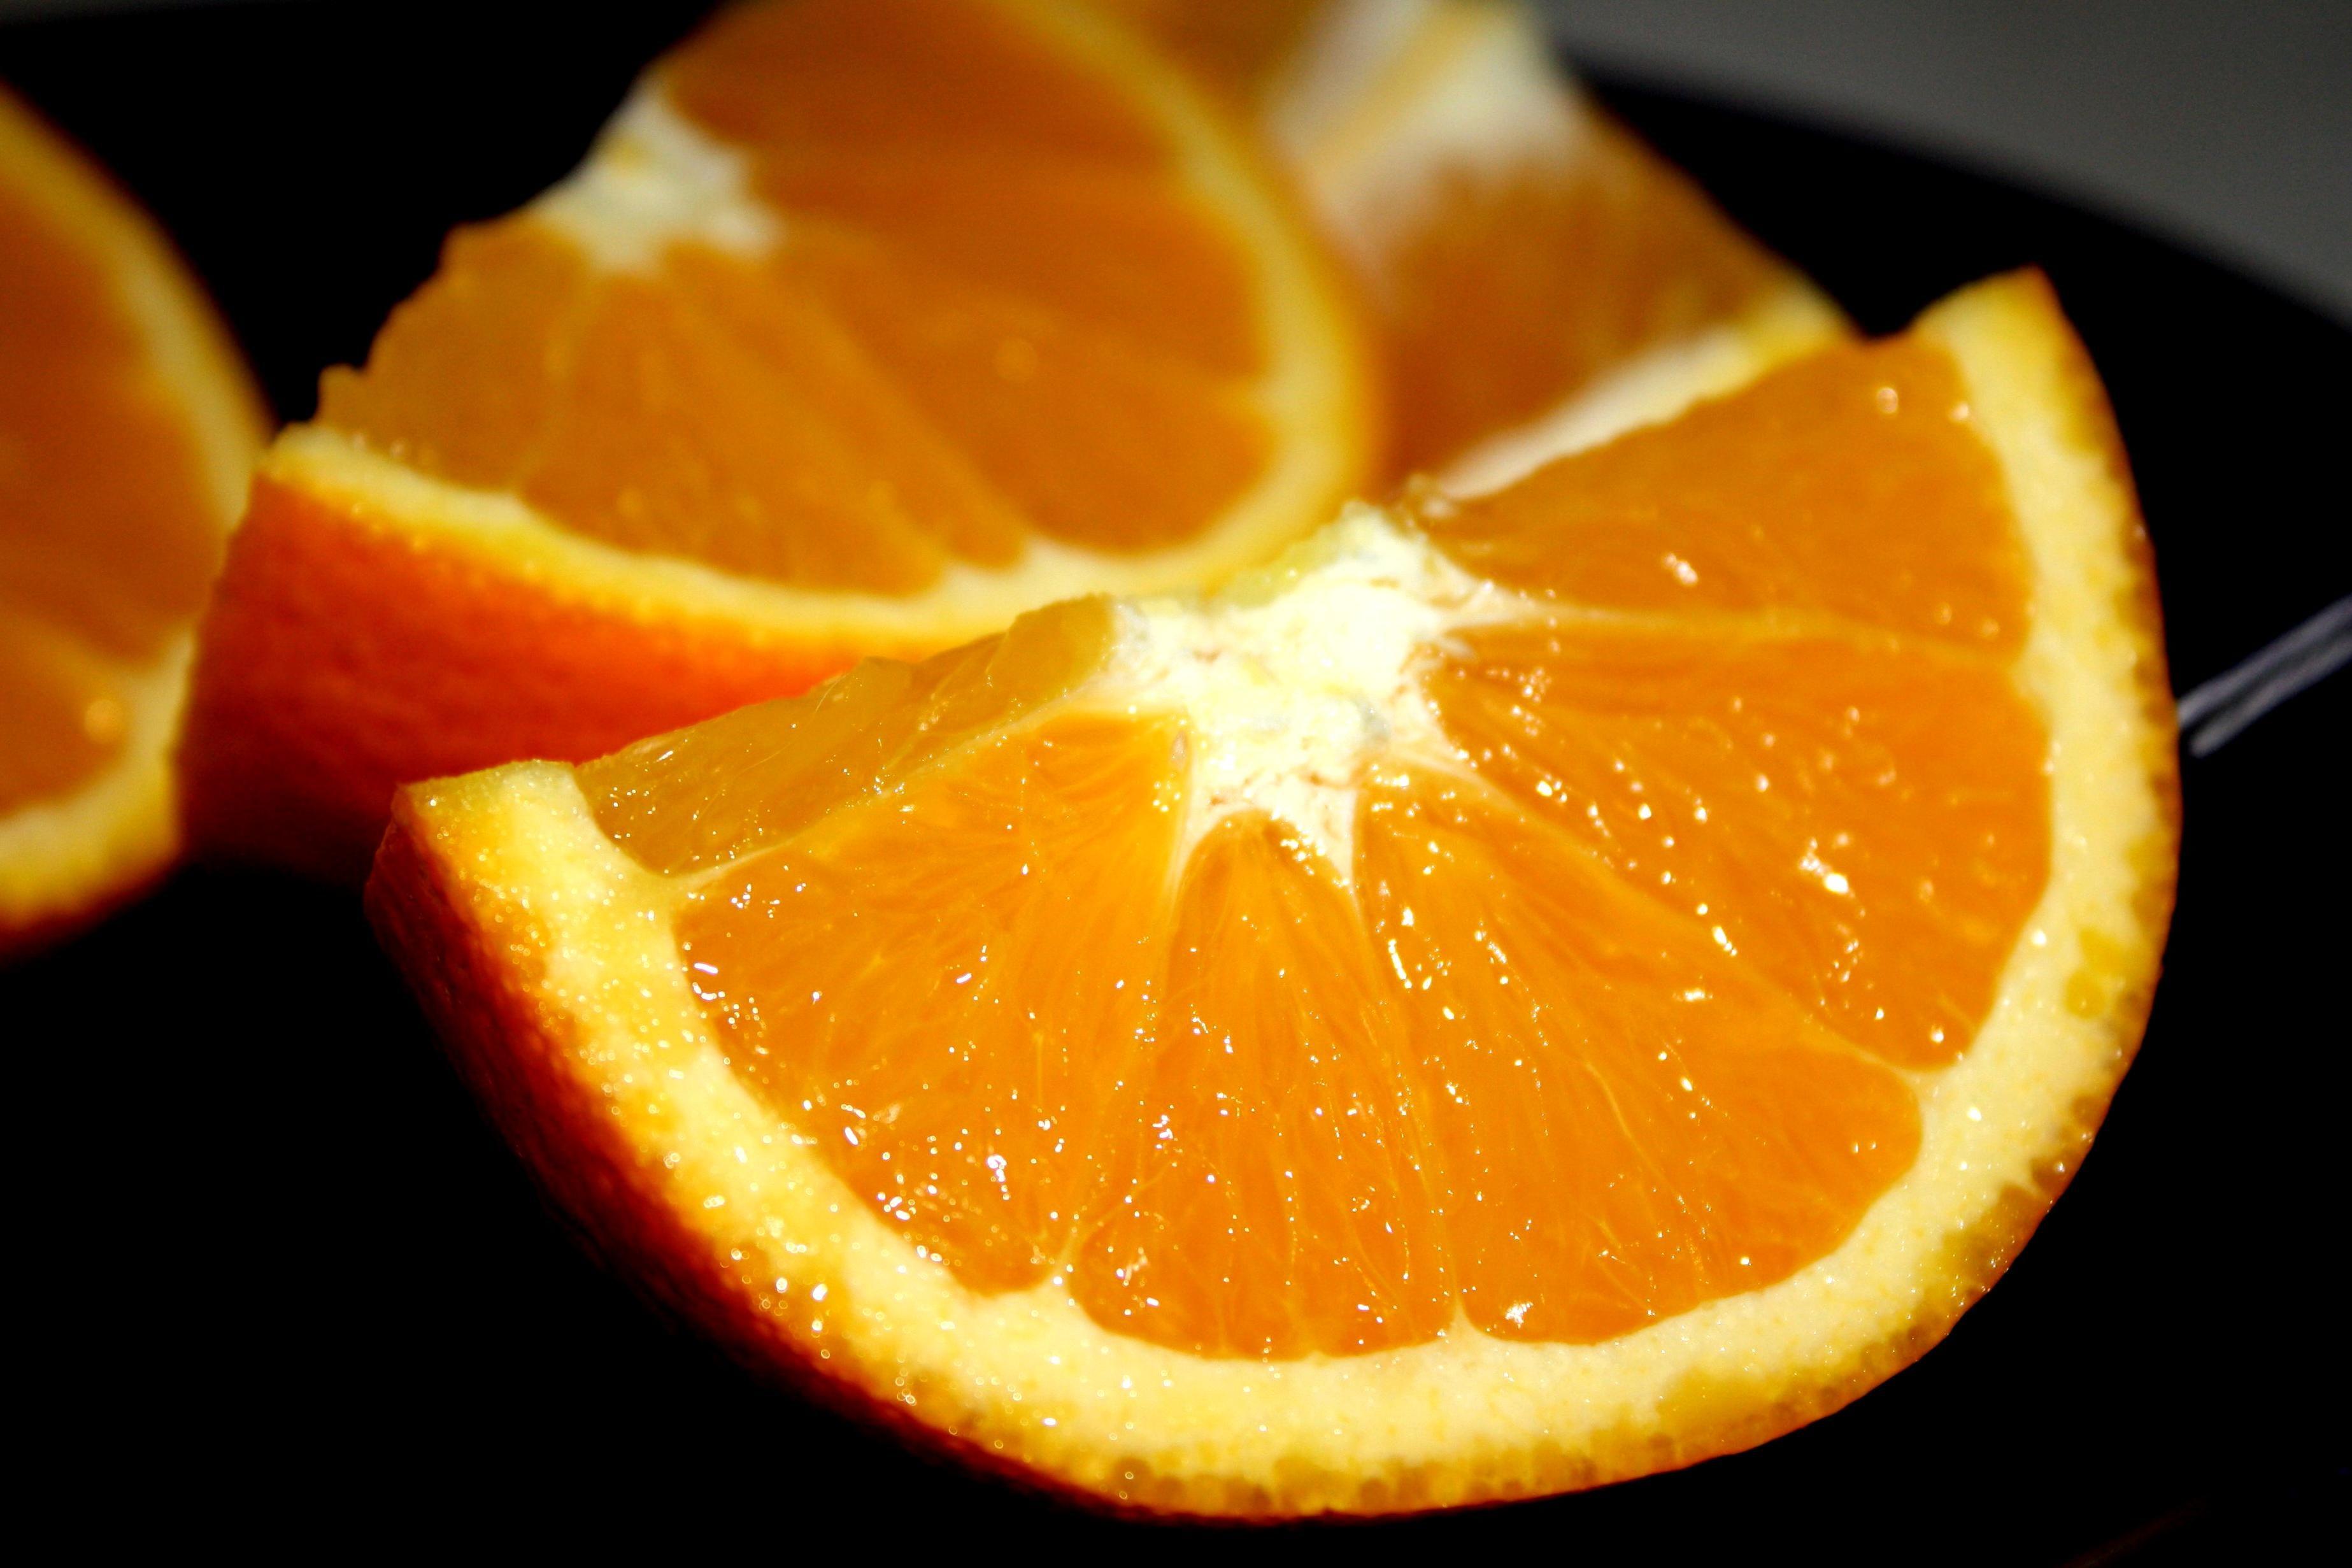 картинка апельсина и дольки апельсина унакит это разновидность